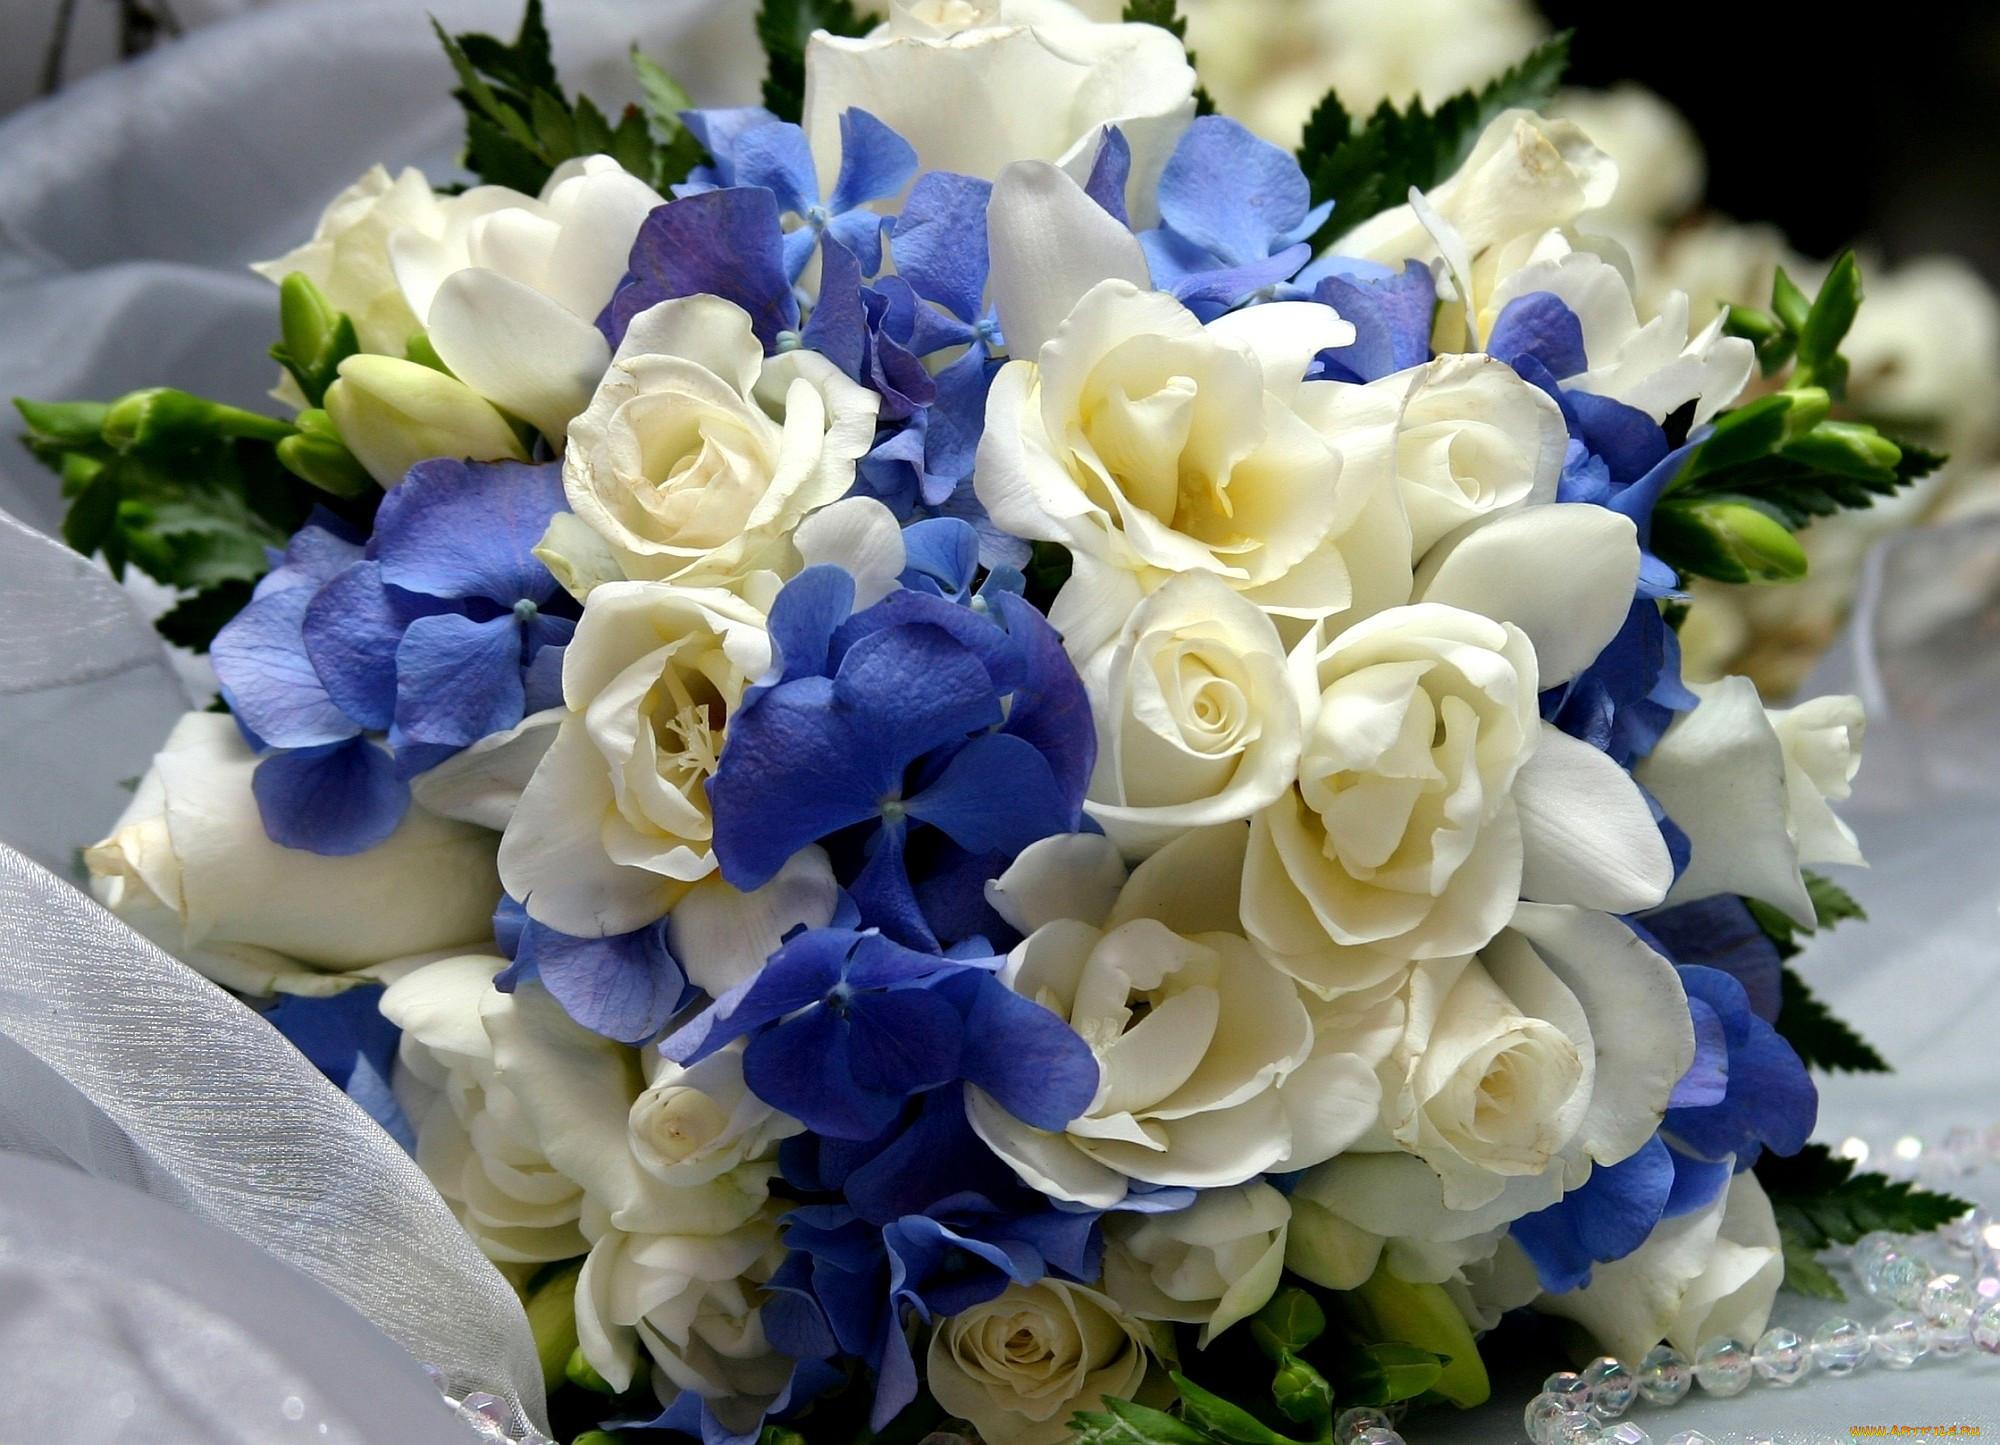 Обои Цветы Букеты, композиции, обои для рабочего стола, фотографии цветы, букеты, композиции, гортензия, розы, фрезия Обои для р